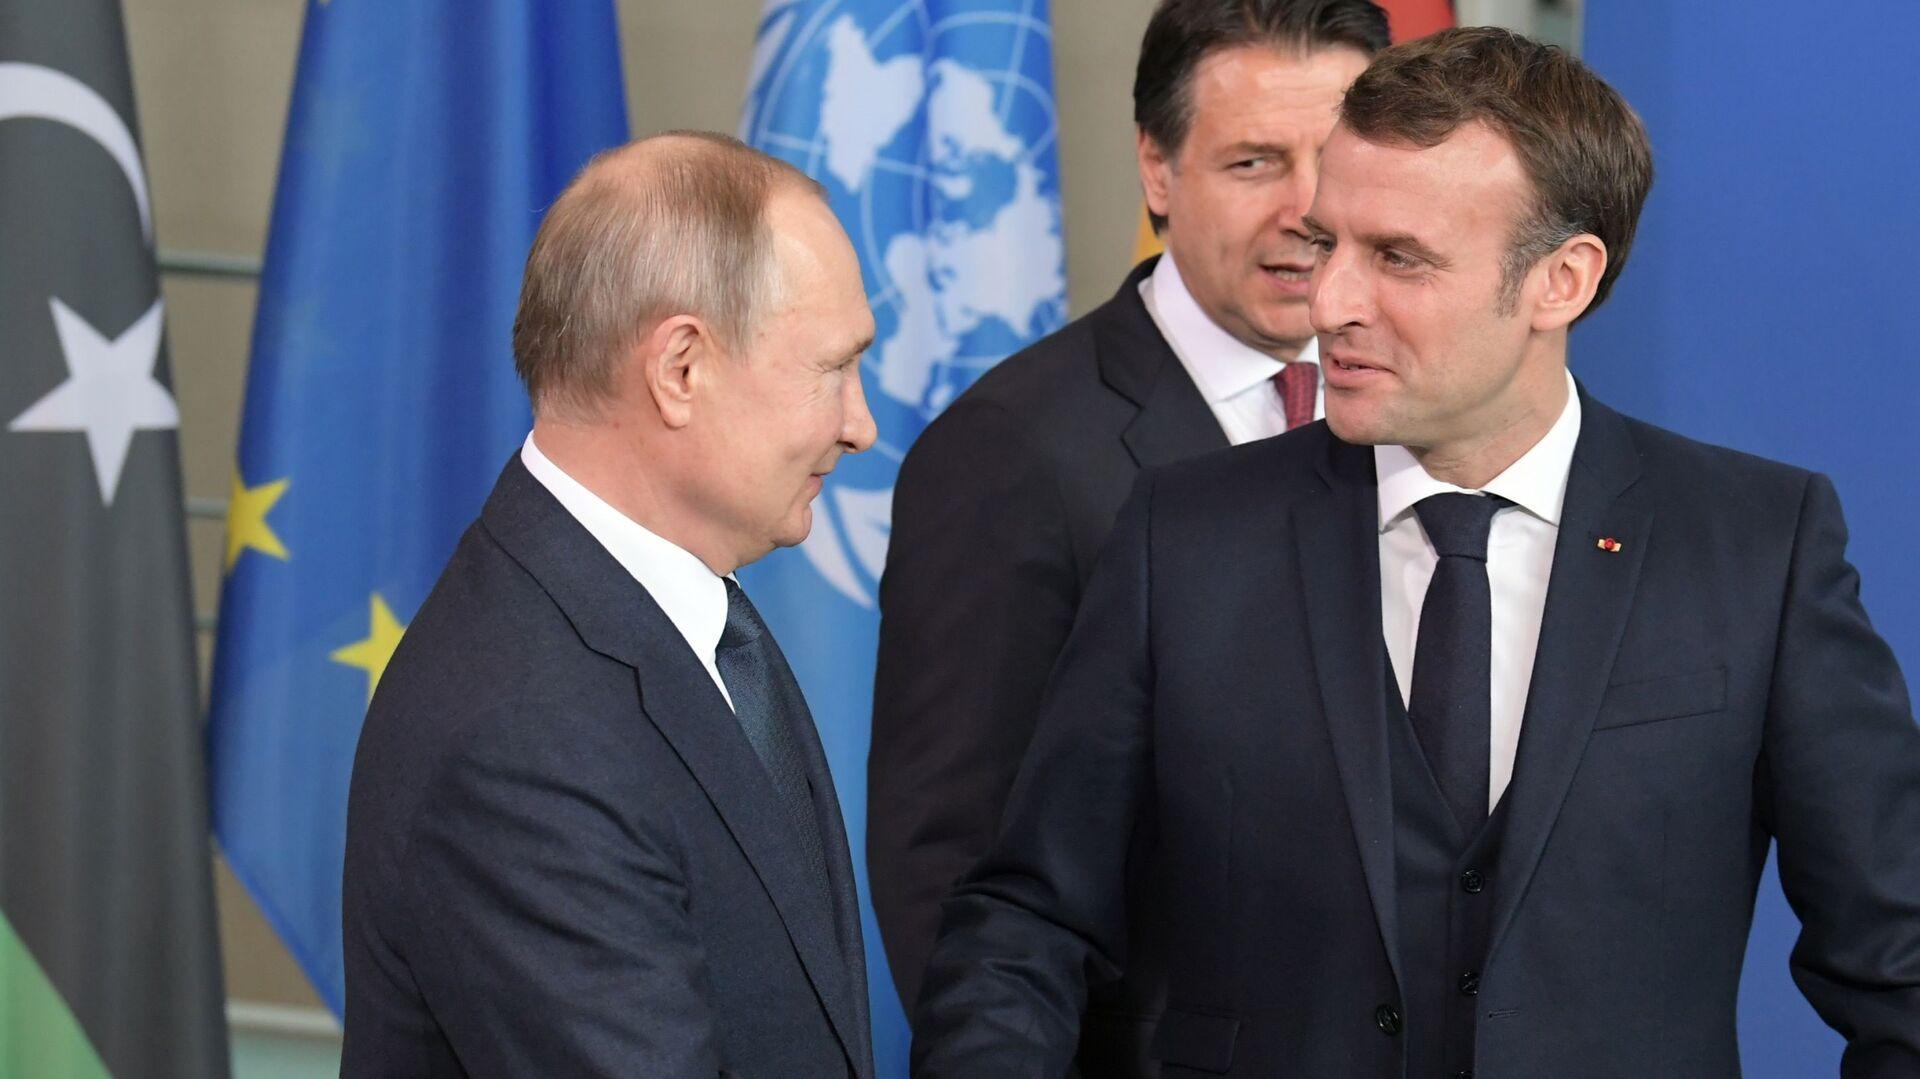 Il presidente russo Vladimir Putin e il Presidente francese Emmanuel Macron alla Conferenza internazionale sulla Libia a Berlino - Sputnik Italia, 1920, 03.07.2021